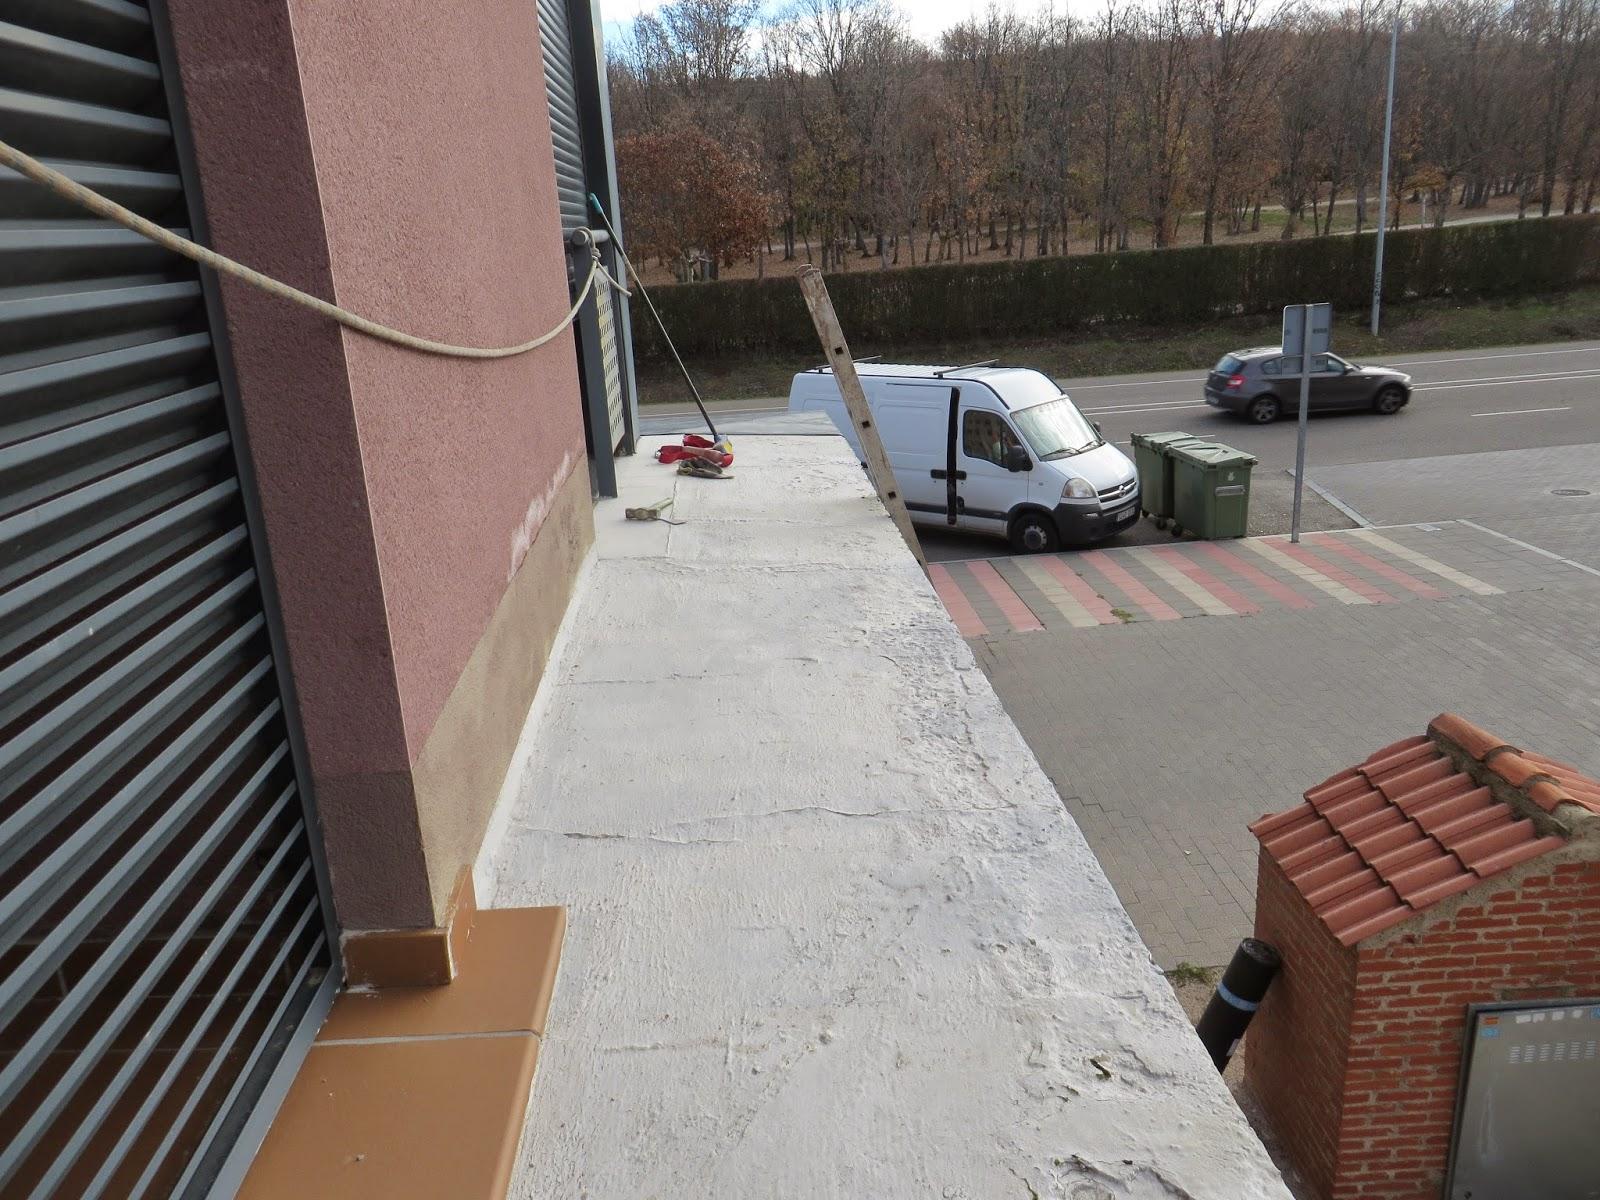 Impermeabilizaciones con Tela Asfaltica en León de Tejados,Terrazas y Techos. Realizamos Impermeabilizaciones en León con Tela Asfaltica de Tejados,Terrazas y Techos en viviendas tlf 618848709 y 987846623.